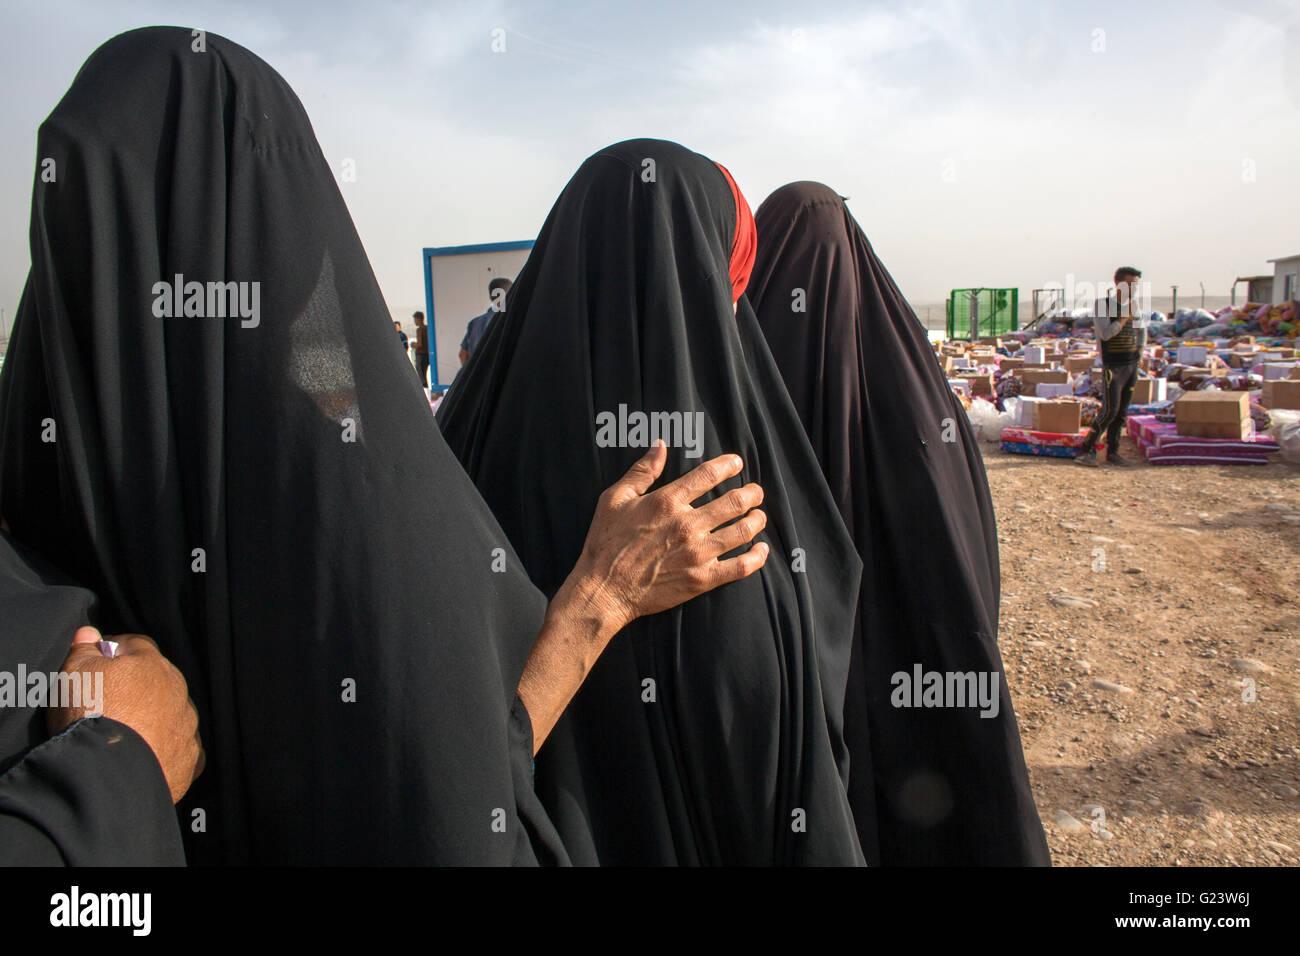 Nonfood Artikel Verteilung auf 8000 intern irakische Menschen im Flüchtlingslager Khanaqin, Nordirak vertrieben Stockbild